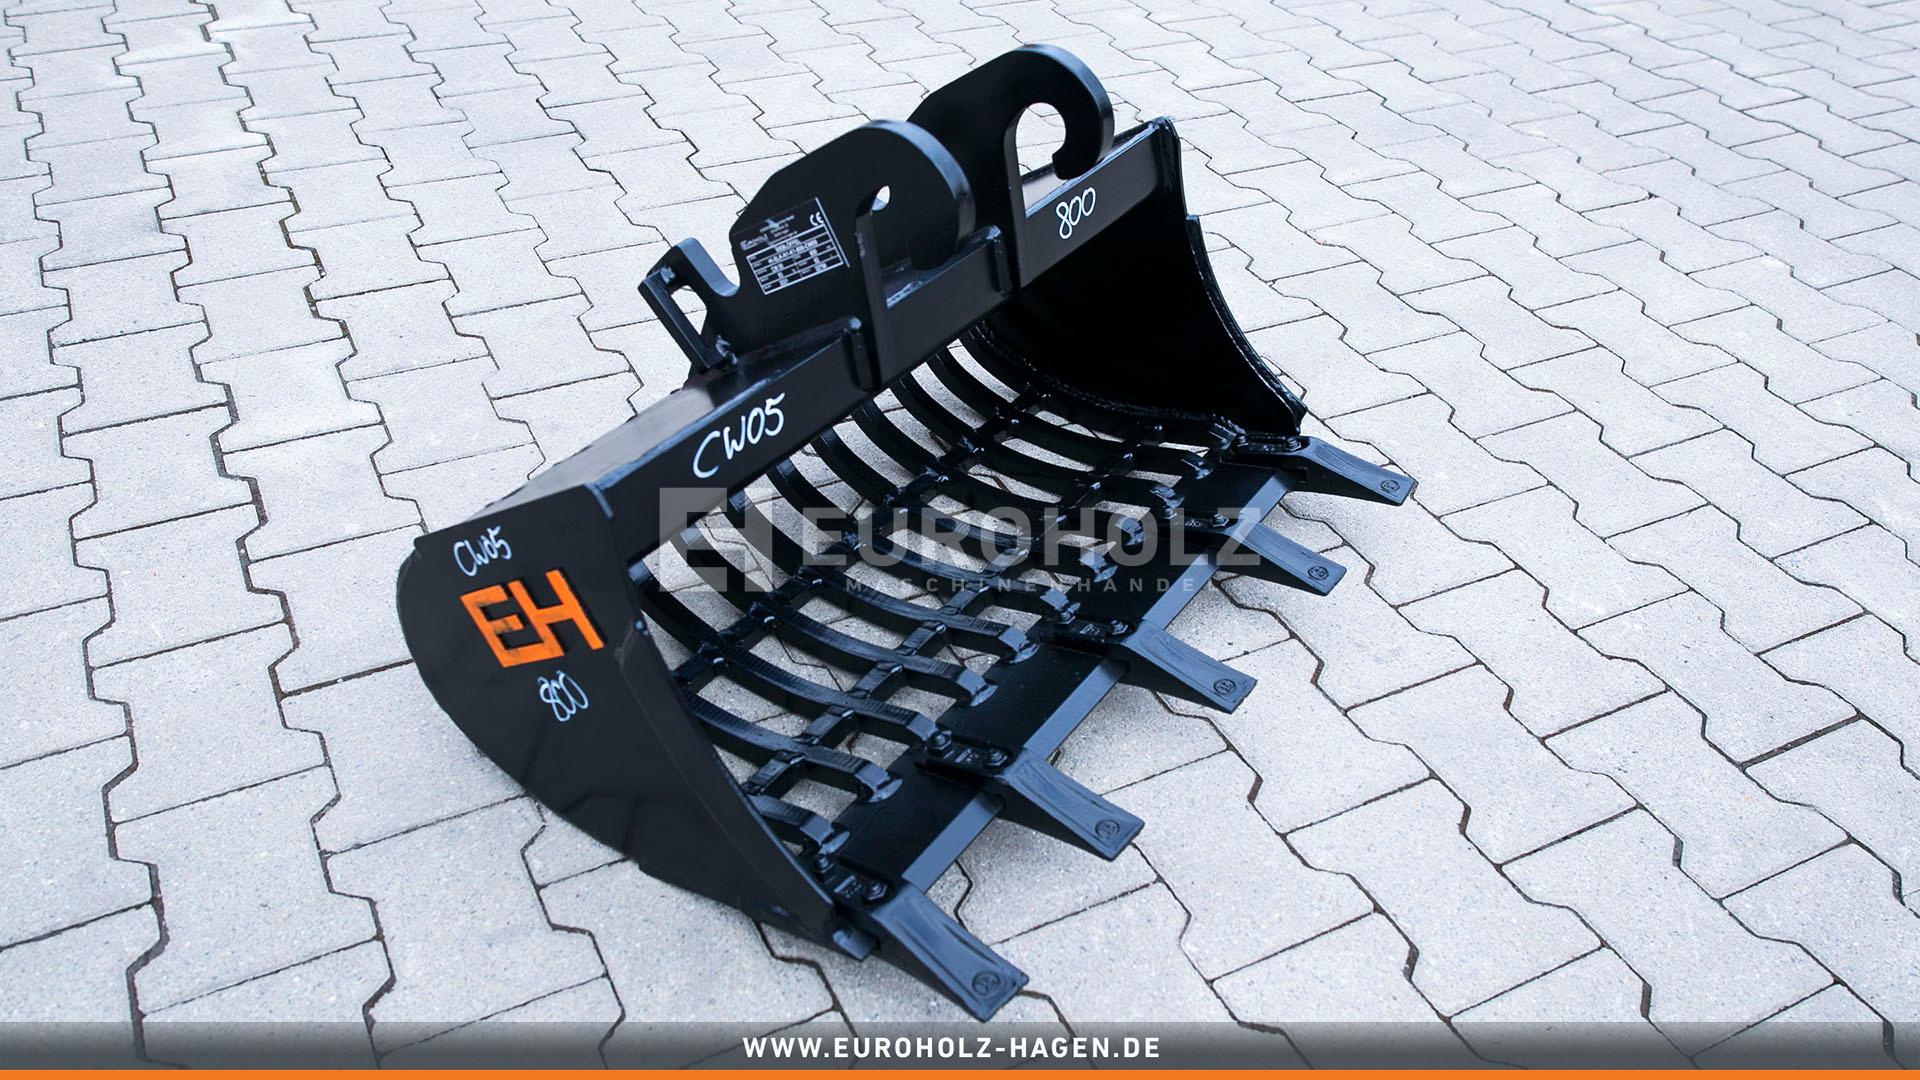 Skeleton bucket suitable for Verachtert CW05 / 800 mm / cat. 1K